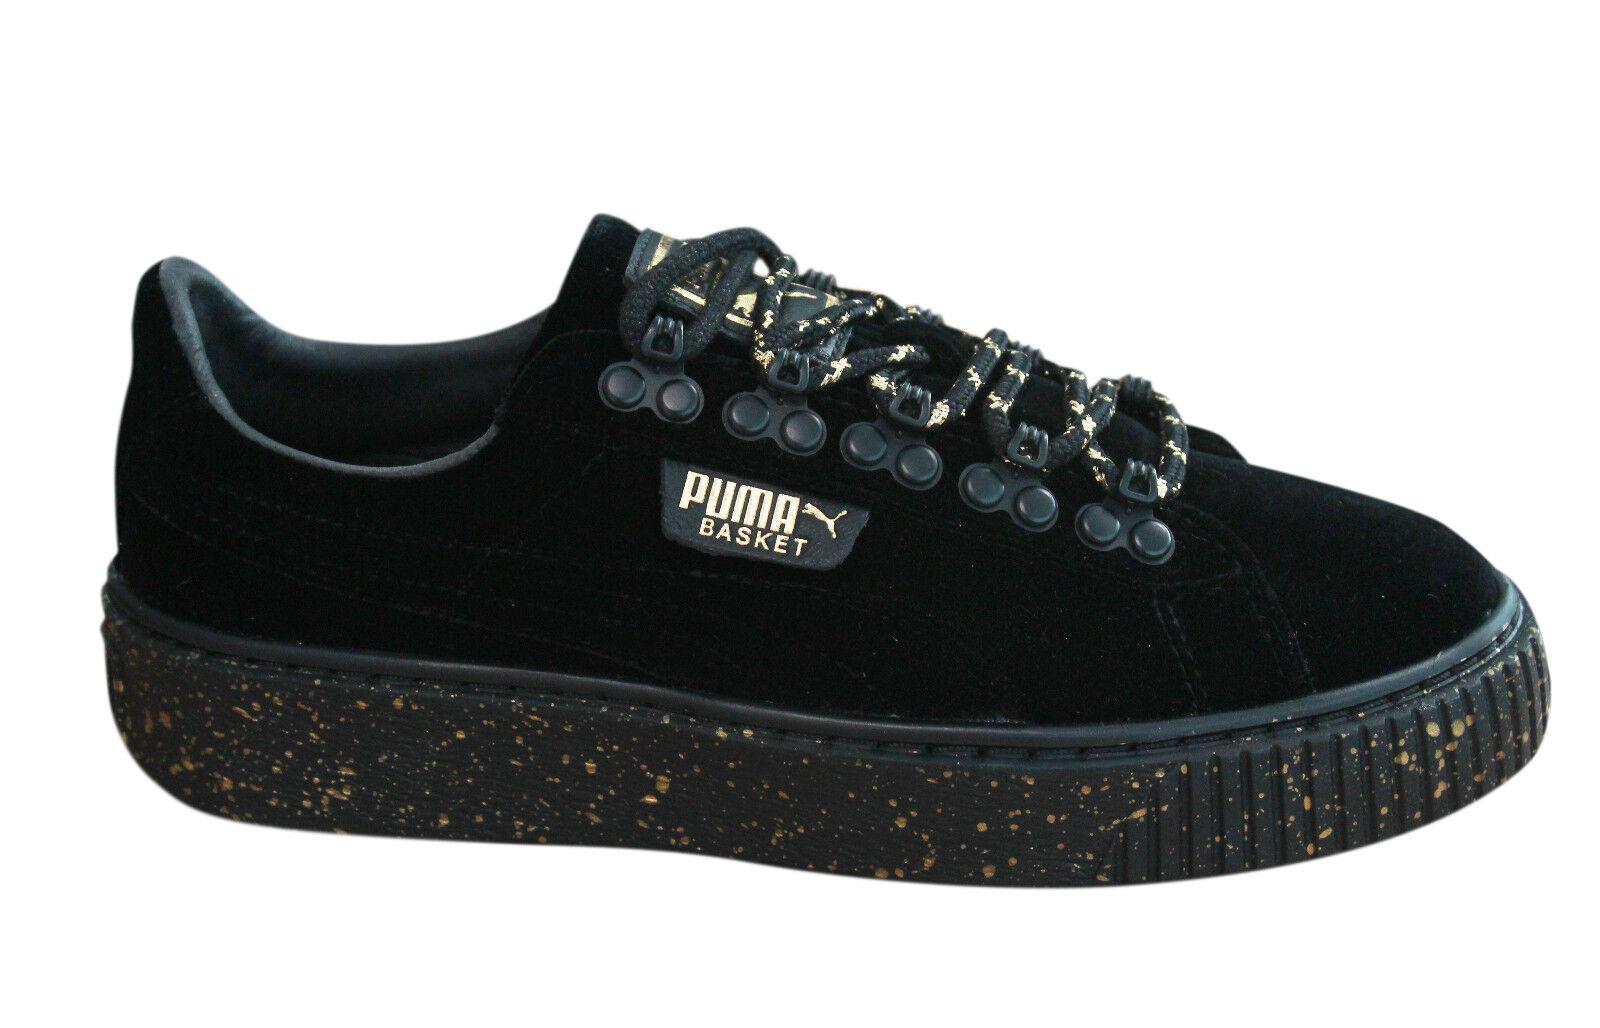 Puma Basket plateforme velours WTR Chaussures Femme Baskets à Lacets Or Noir 366241 01 M18